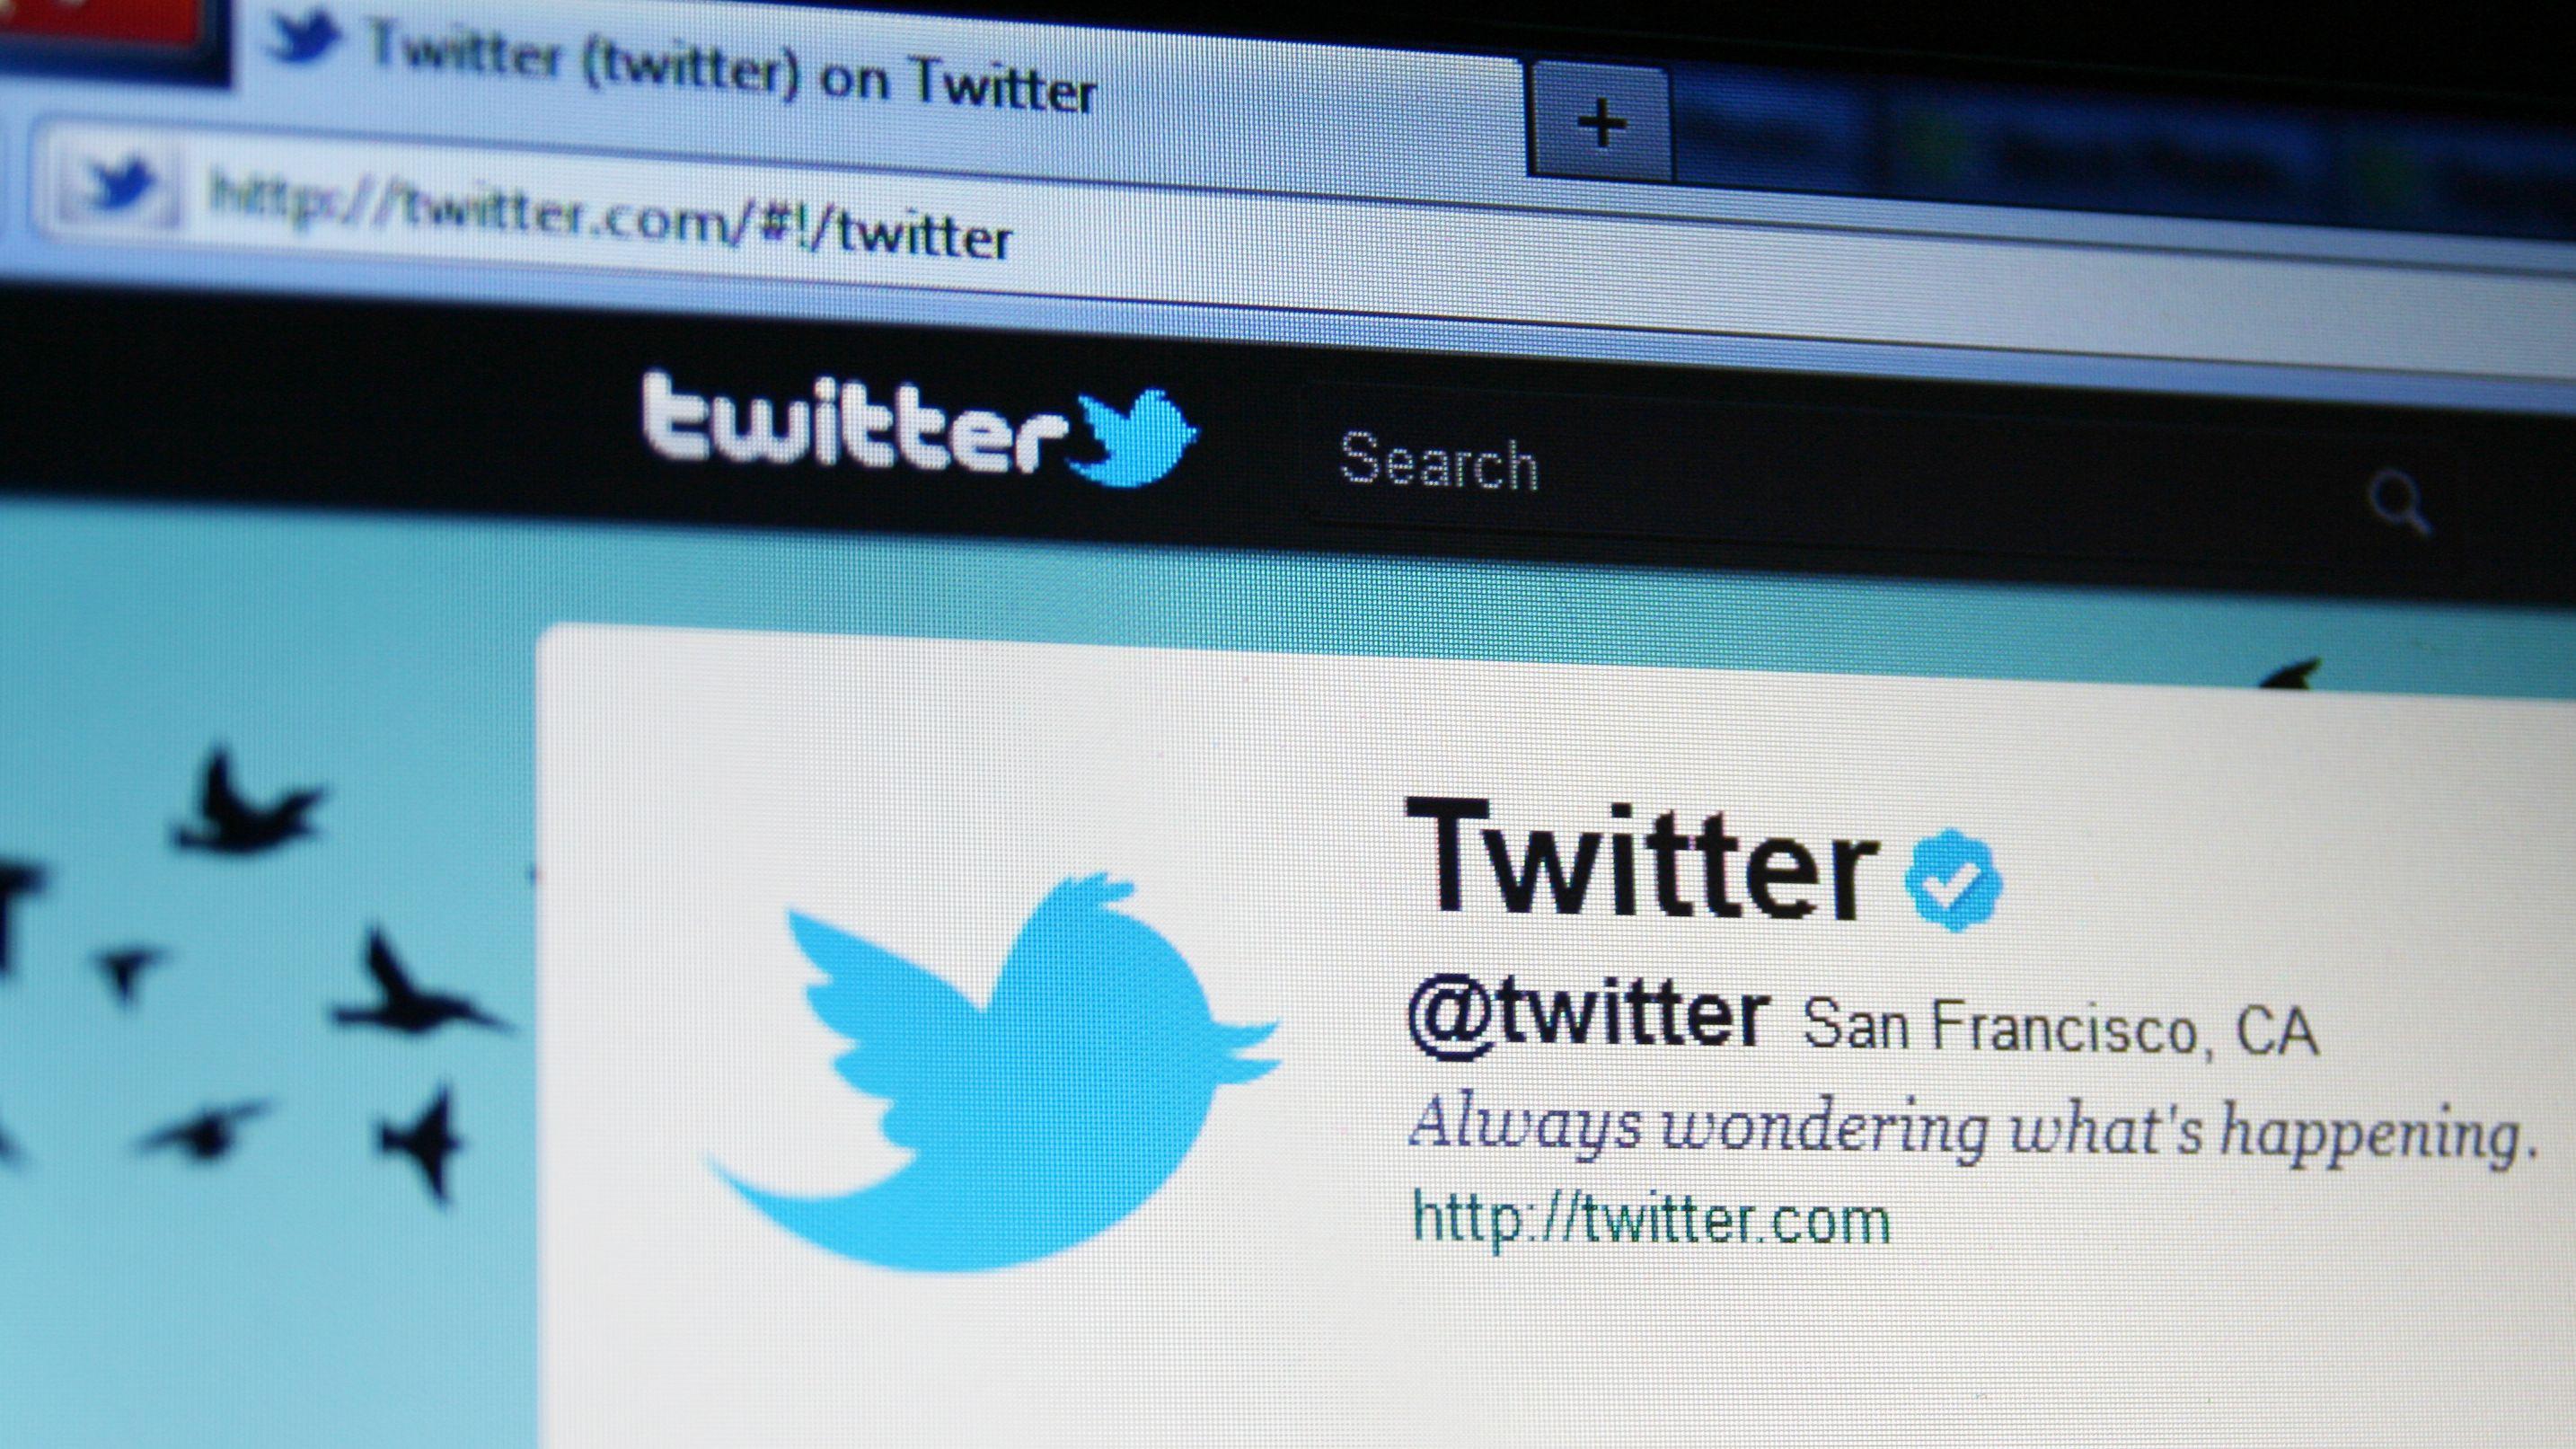 Etter mye testing har Twitter bestemt seg for å doble makslengden på meldinger